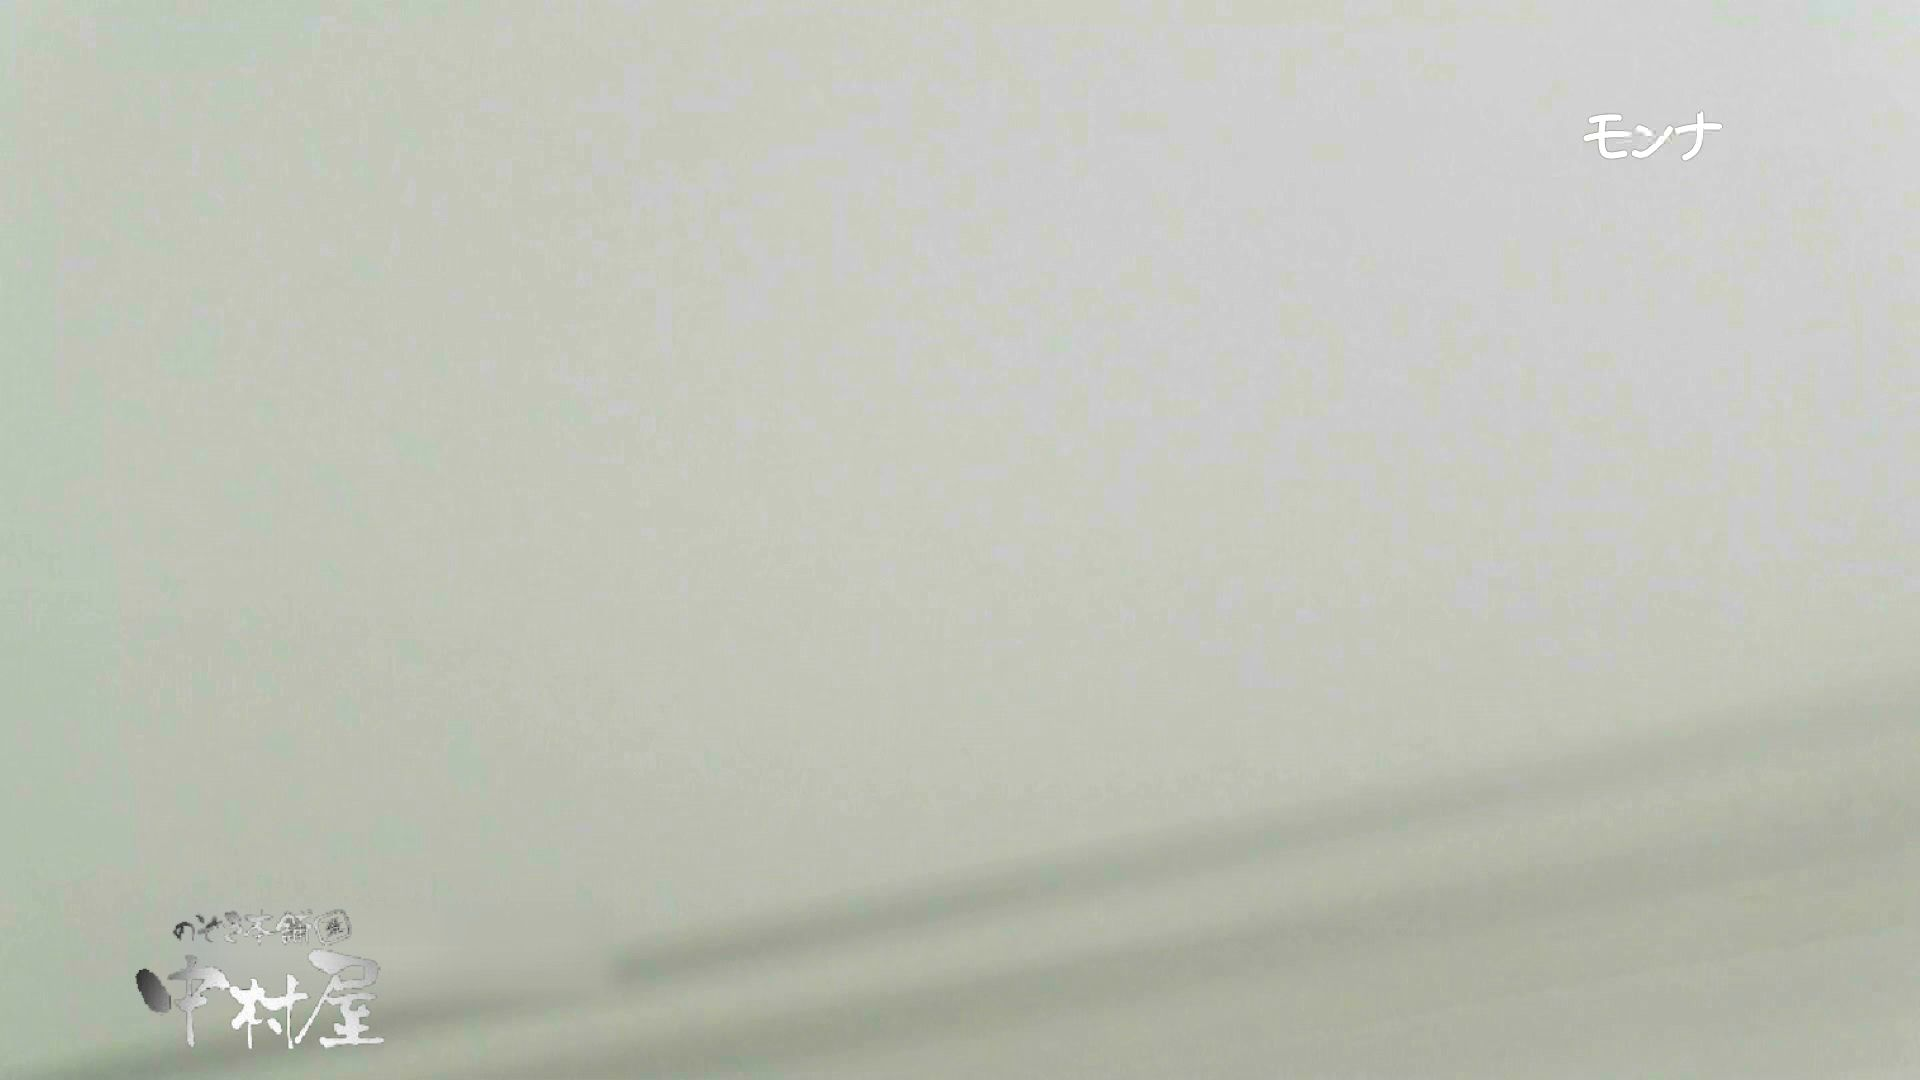 【美しい日本の未来】遂に!!戸田恵梨香似の予告モデル登場ダッシュで「大」前編 モデルのエロ生活  31連発 30